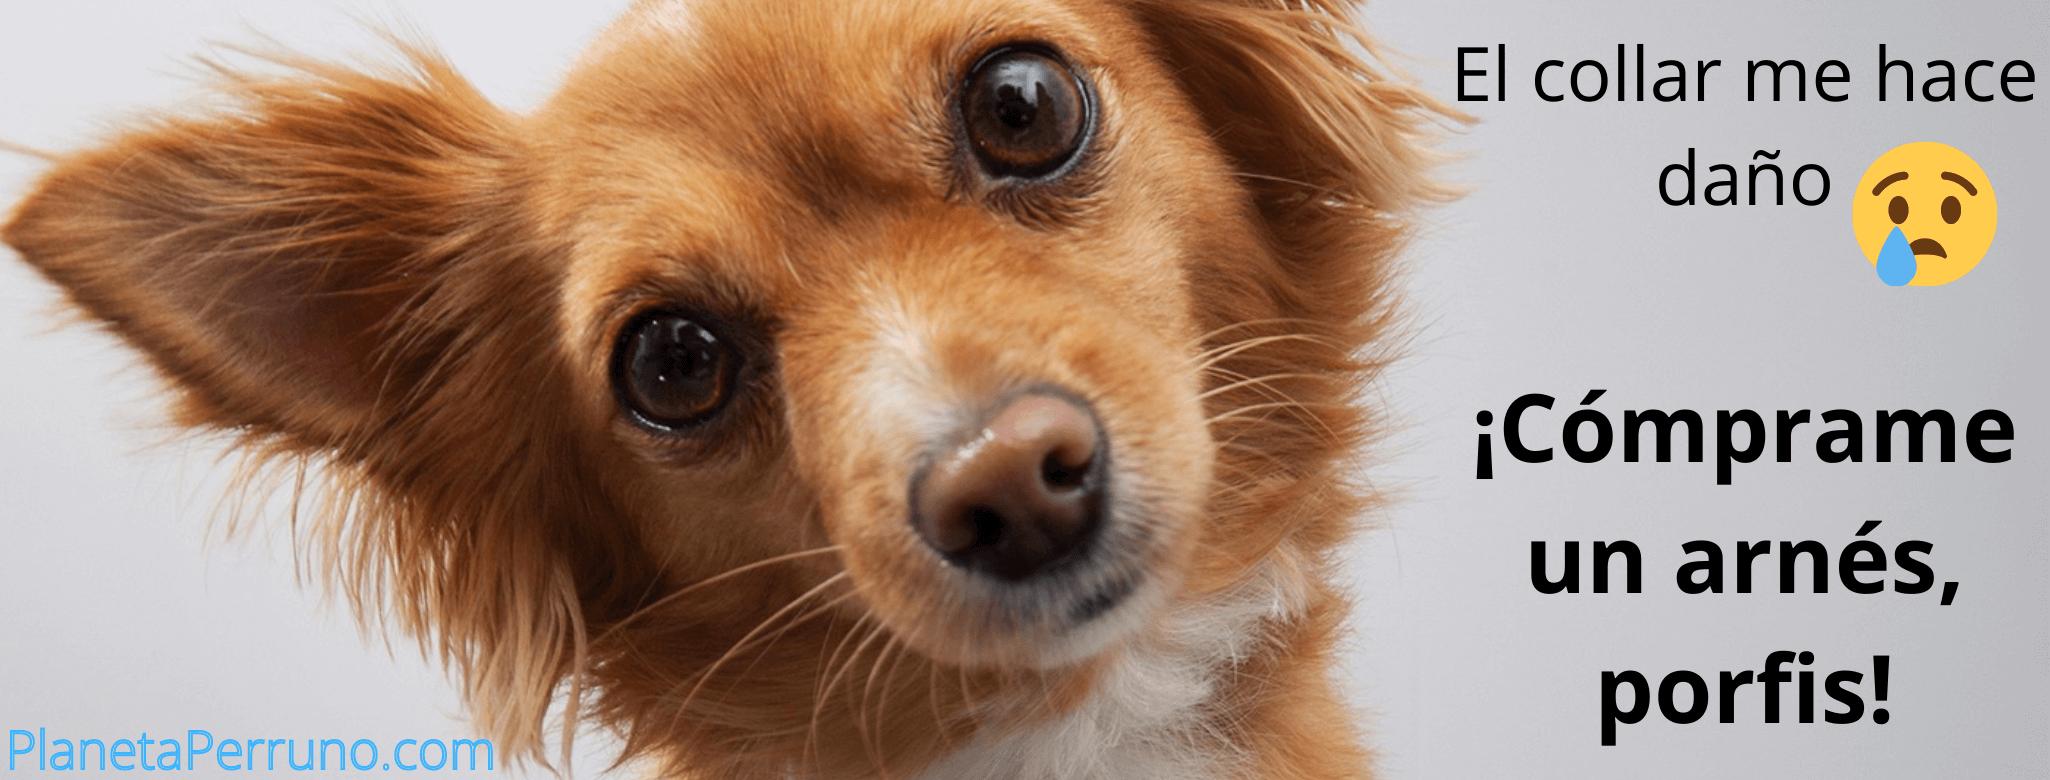 perro pidiendo un arnés en vez de una correa